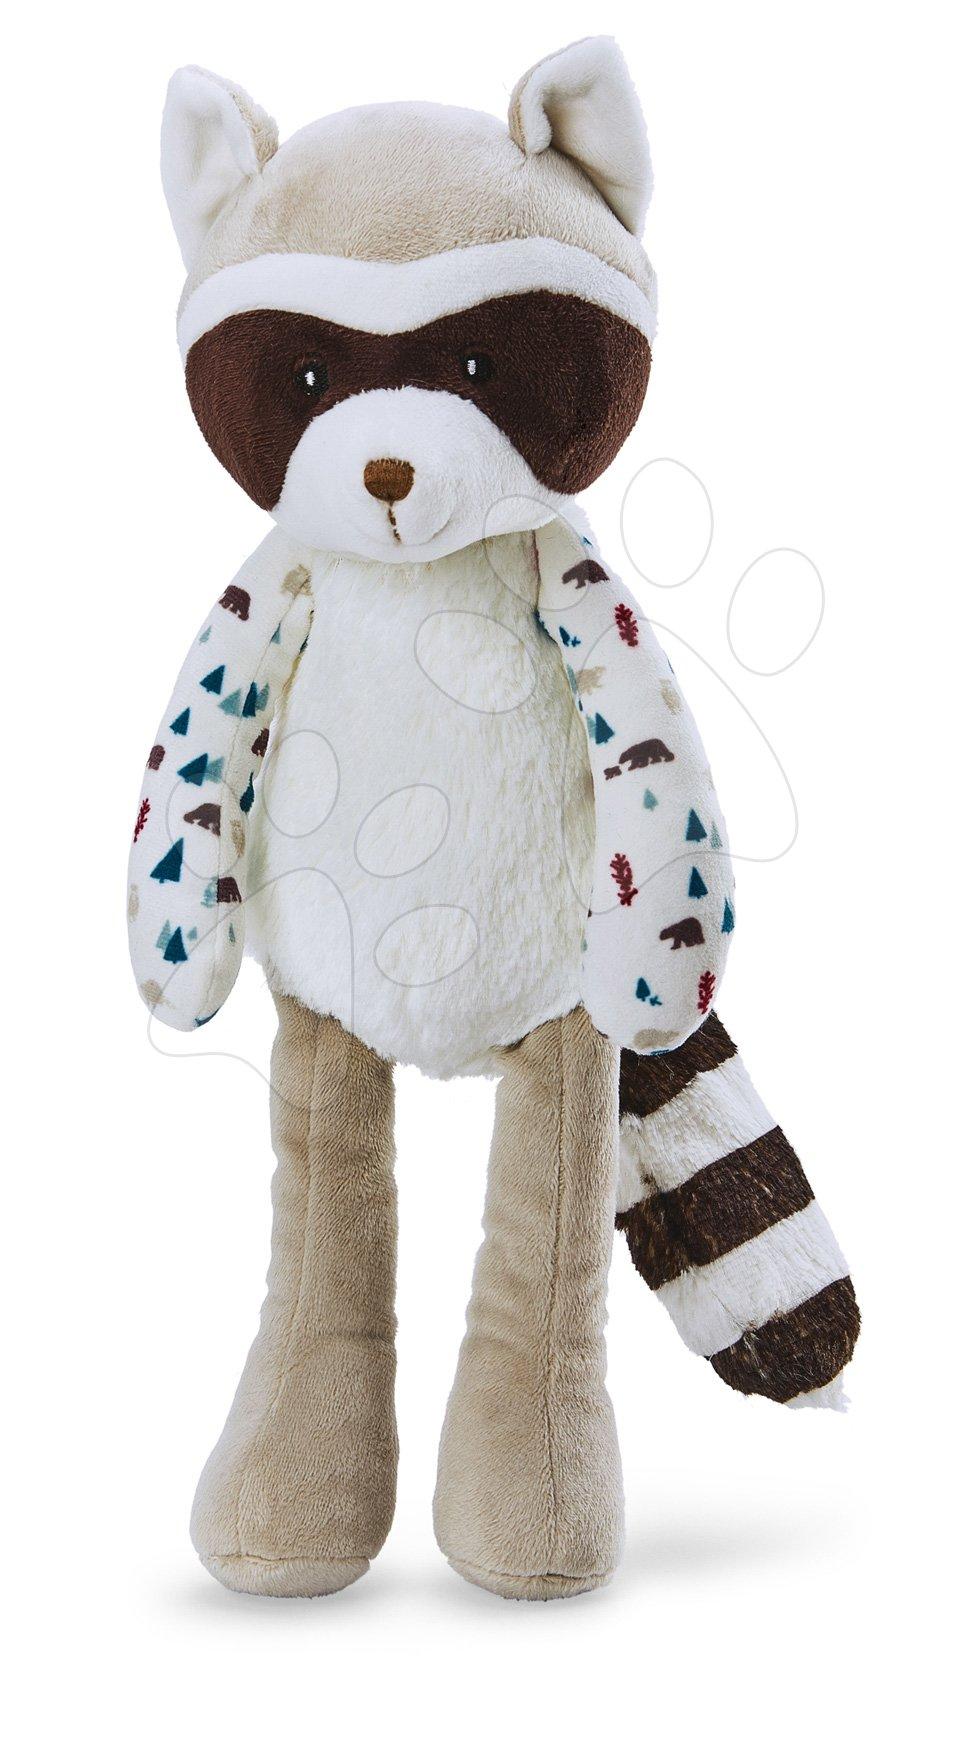 Plüss mosómedve játékbaba Doll Raccoon Leon Classique Filoo Kaloo 35 cm ajándékdobozban 0 hó-tól